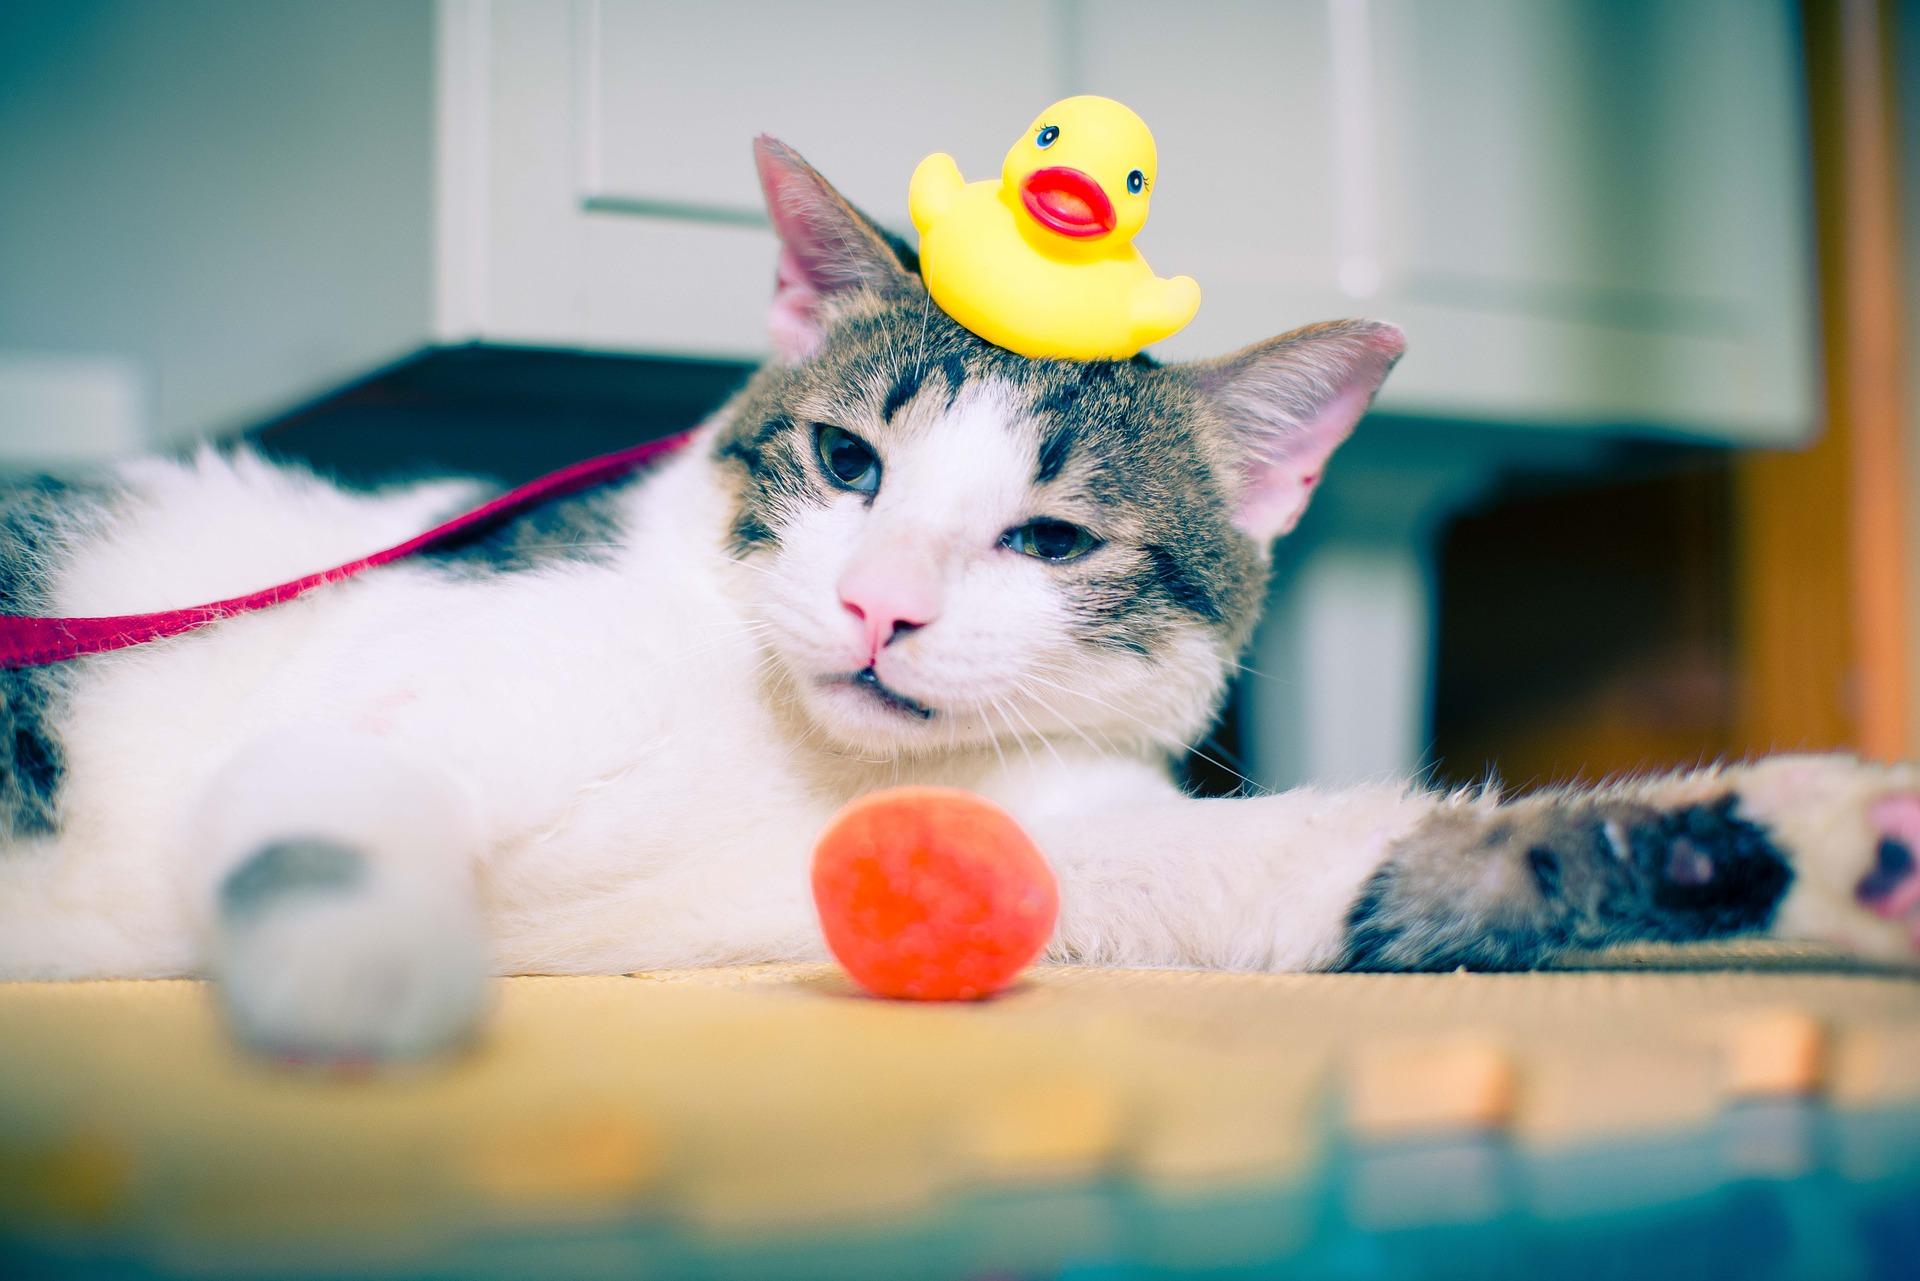 Beneficios que aporta a tu salud el tener un gato en casa